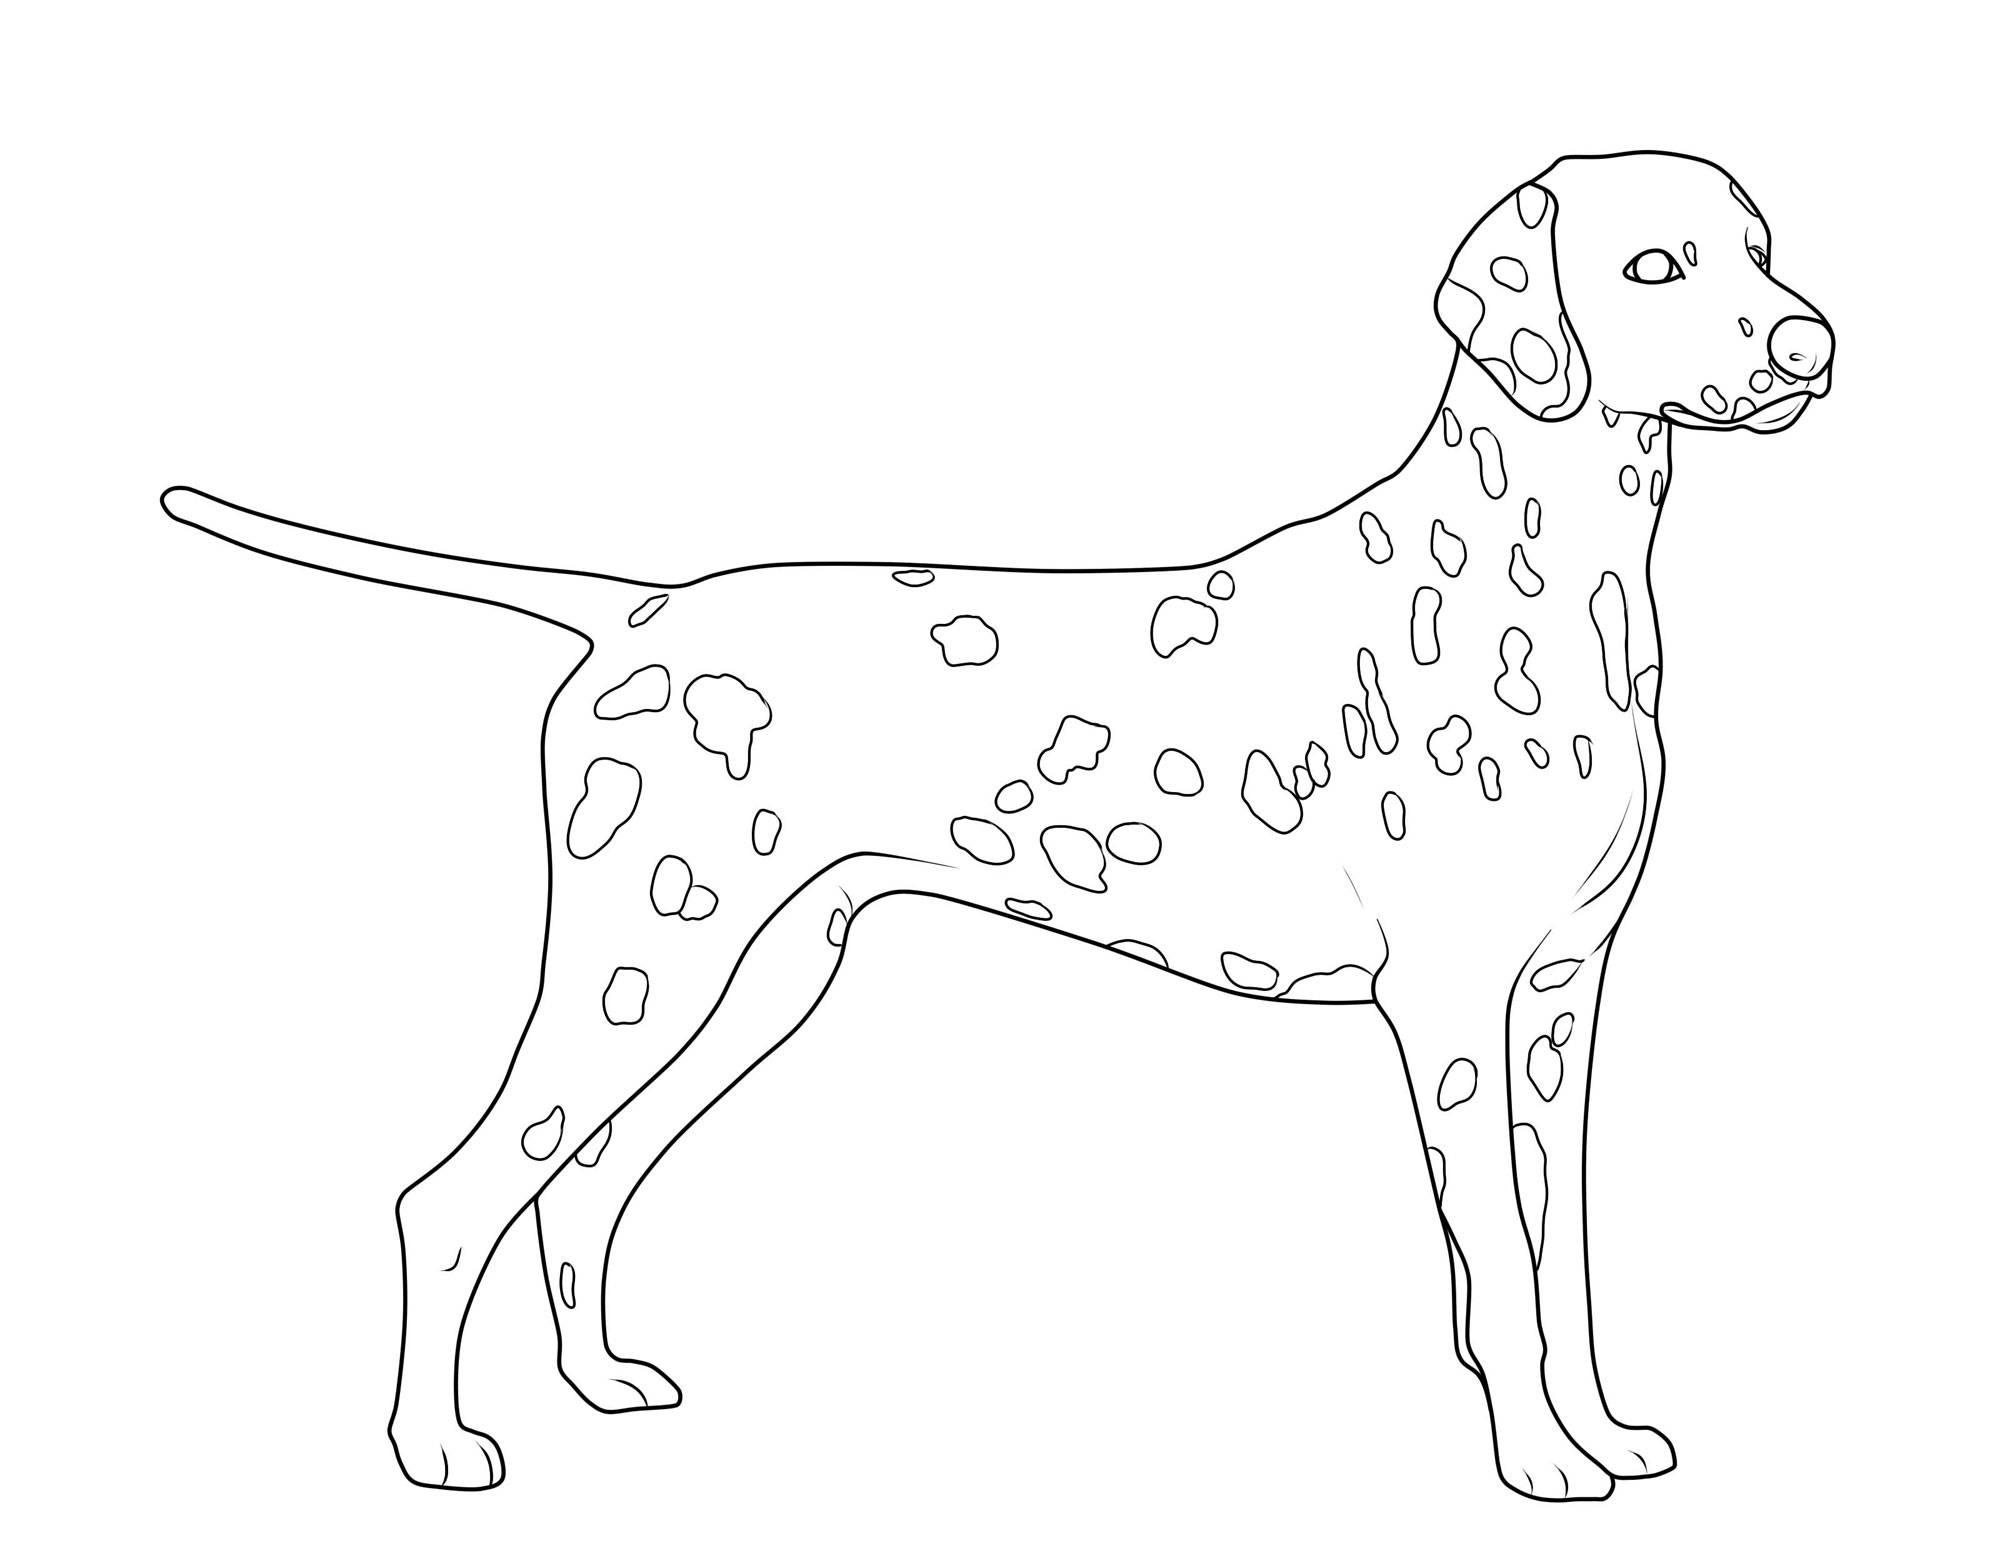 Ausmalbild Hunde: Dalmatiner kostenlos ausdrucken